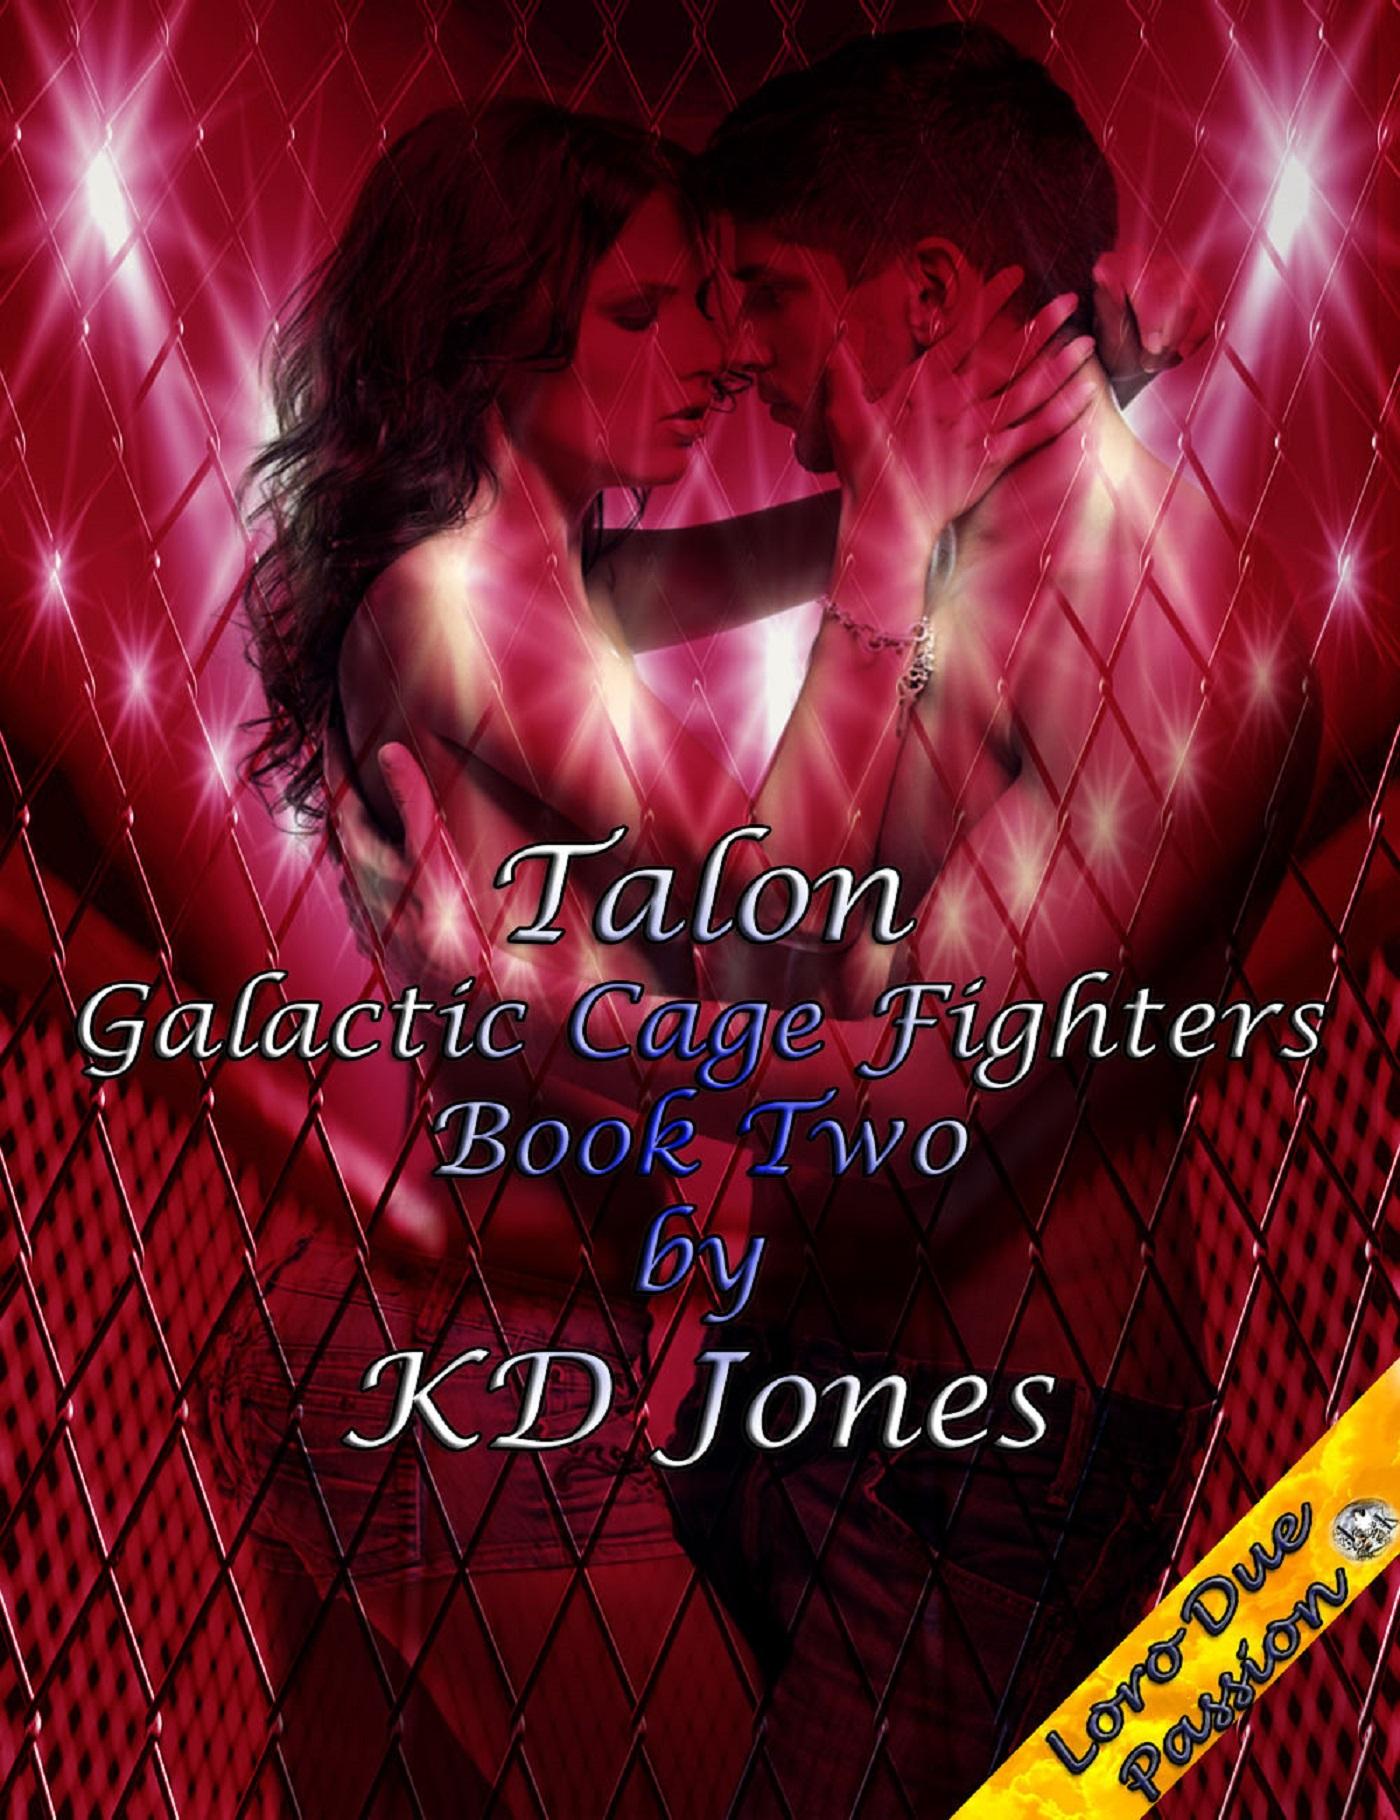 K.D. Jones - Talon